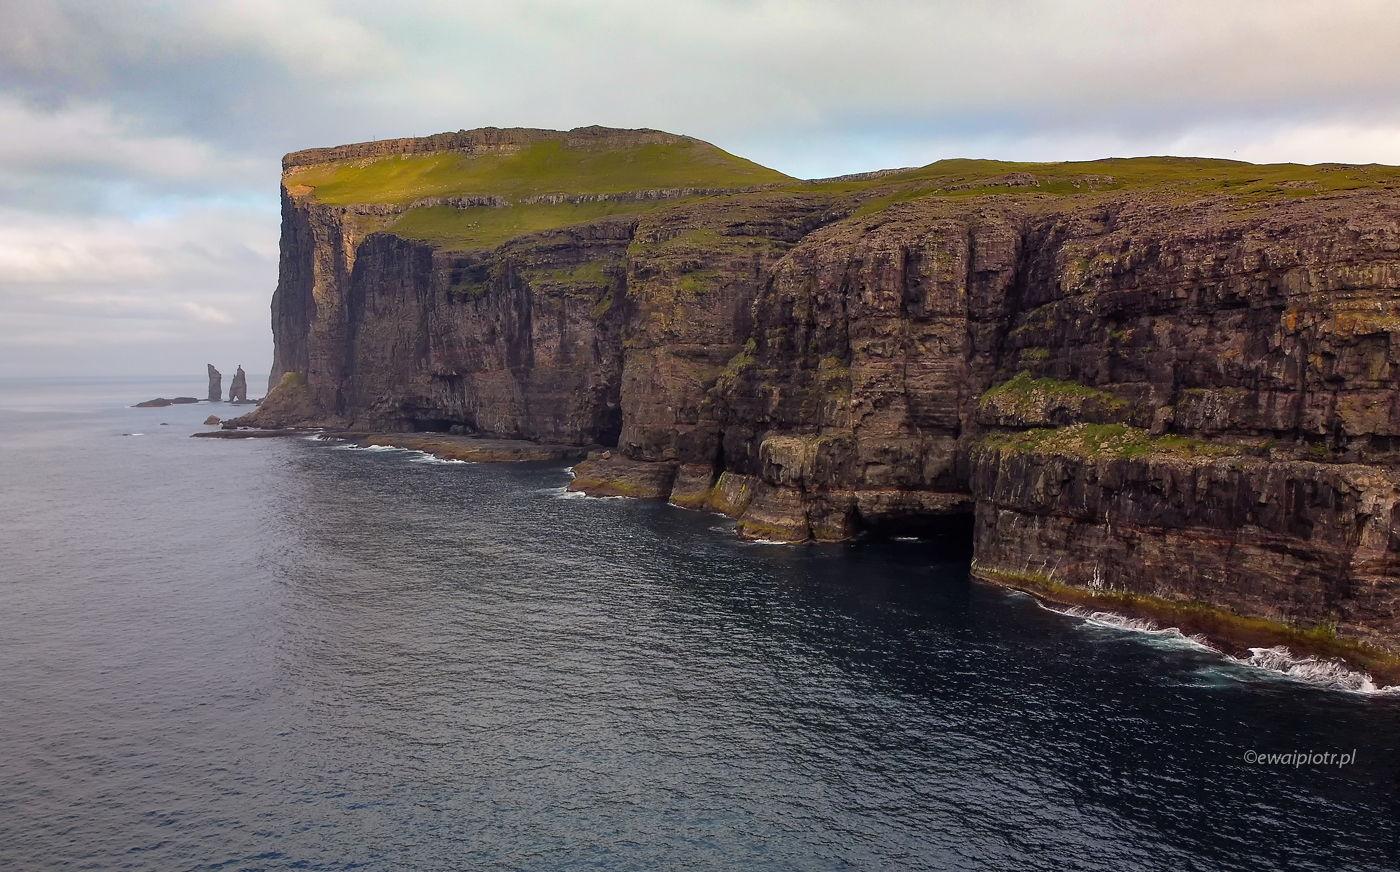 Risin og Kellingin czyli Troll i Wiedźma, Wyspy Owcze, dron na Wyspach Owczych, fotowyprawa